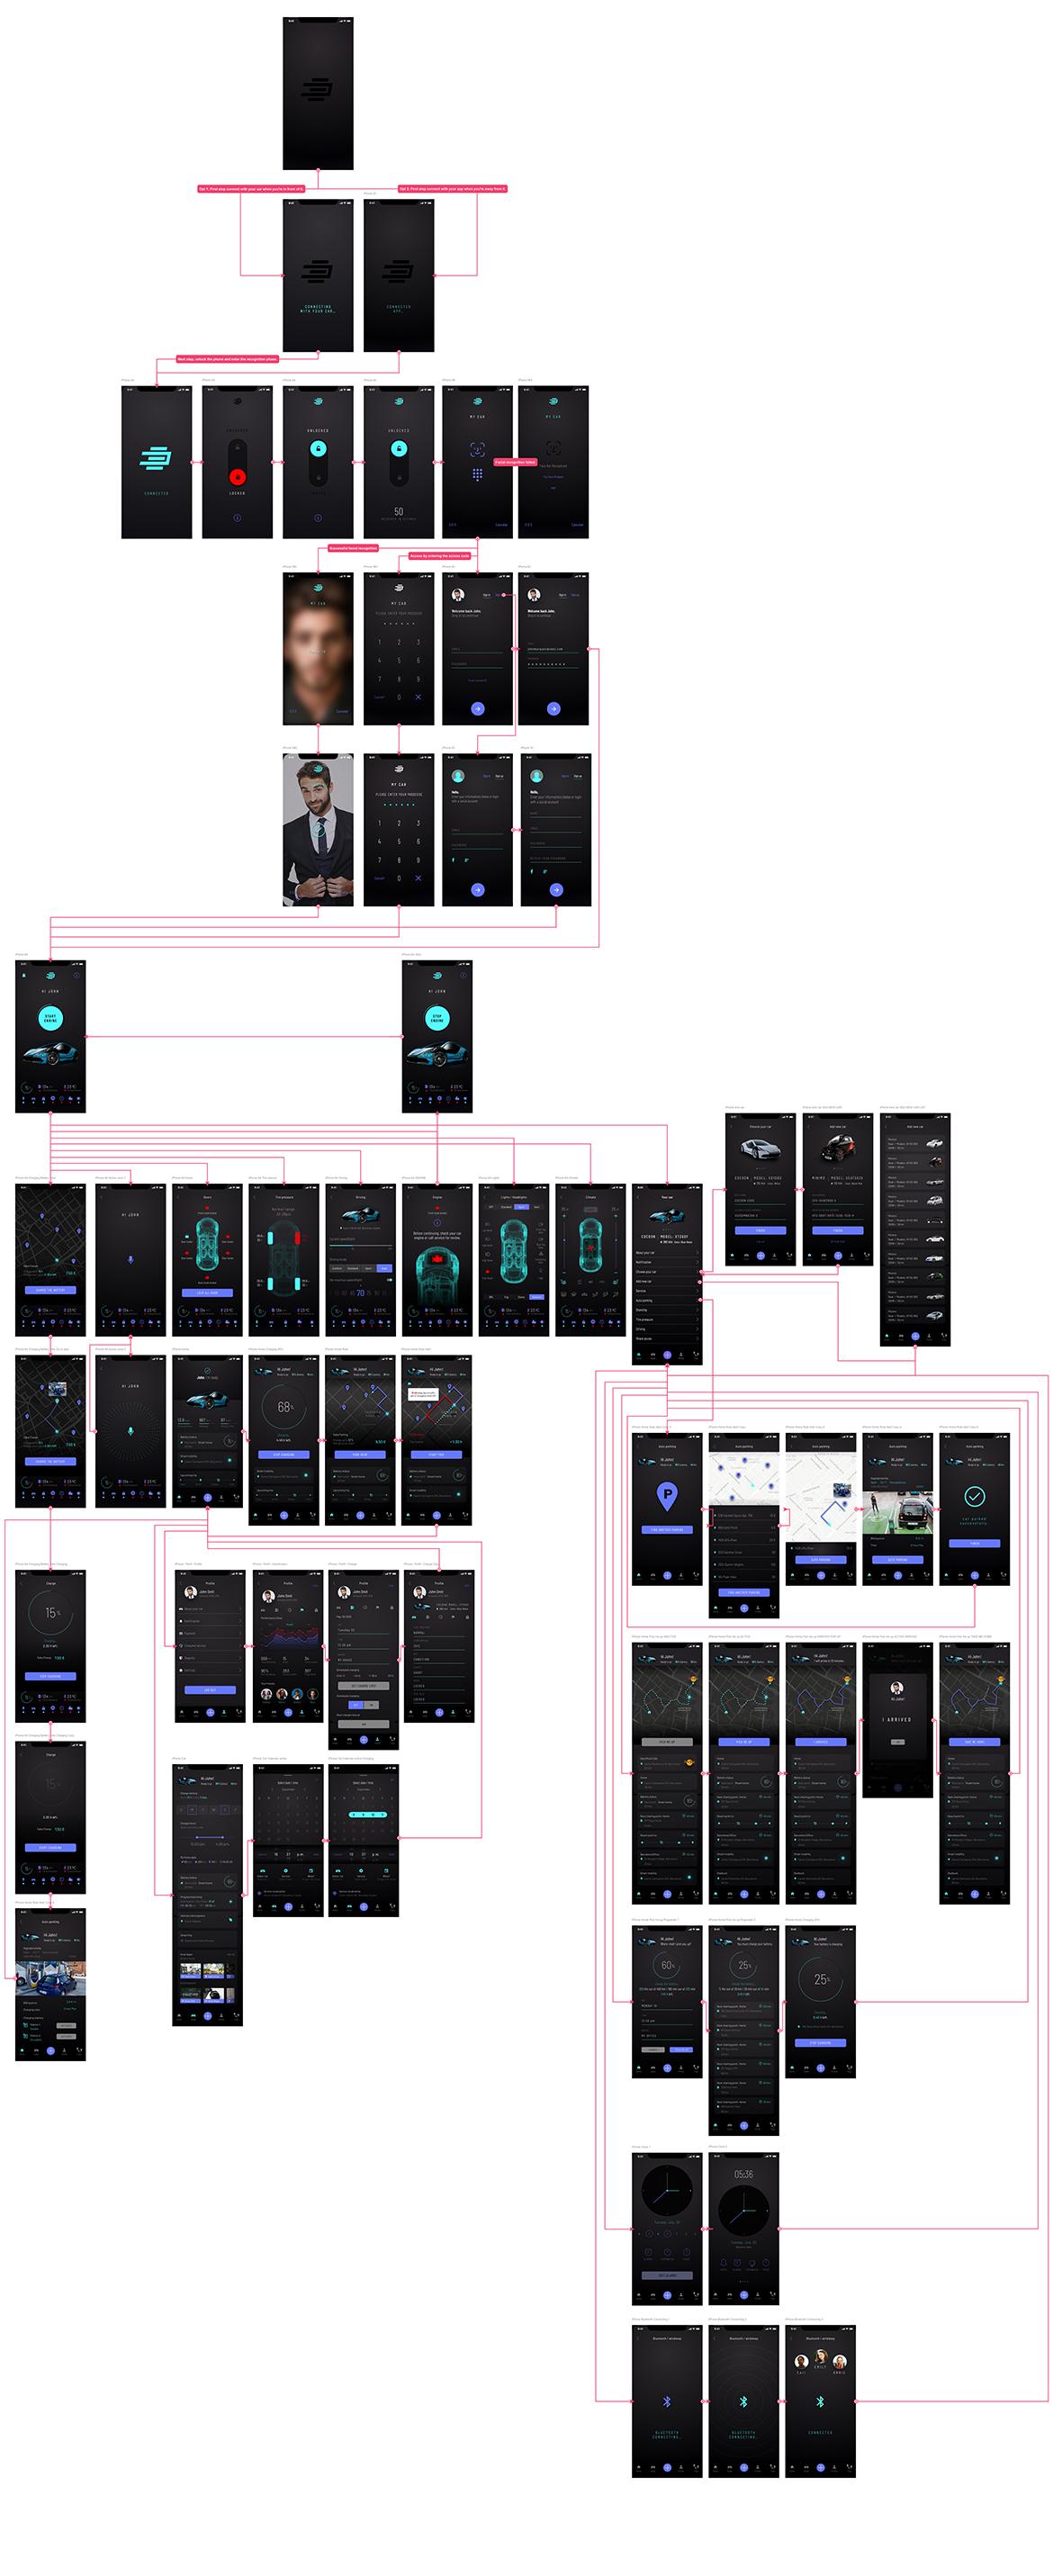 App_User Flow